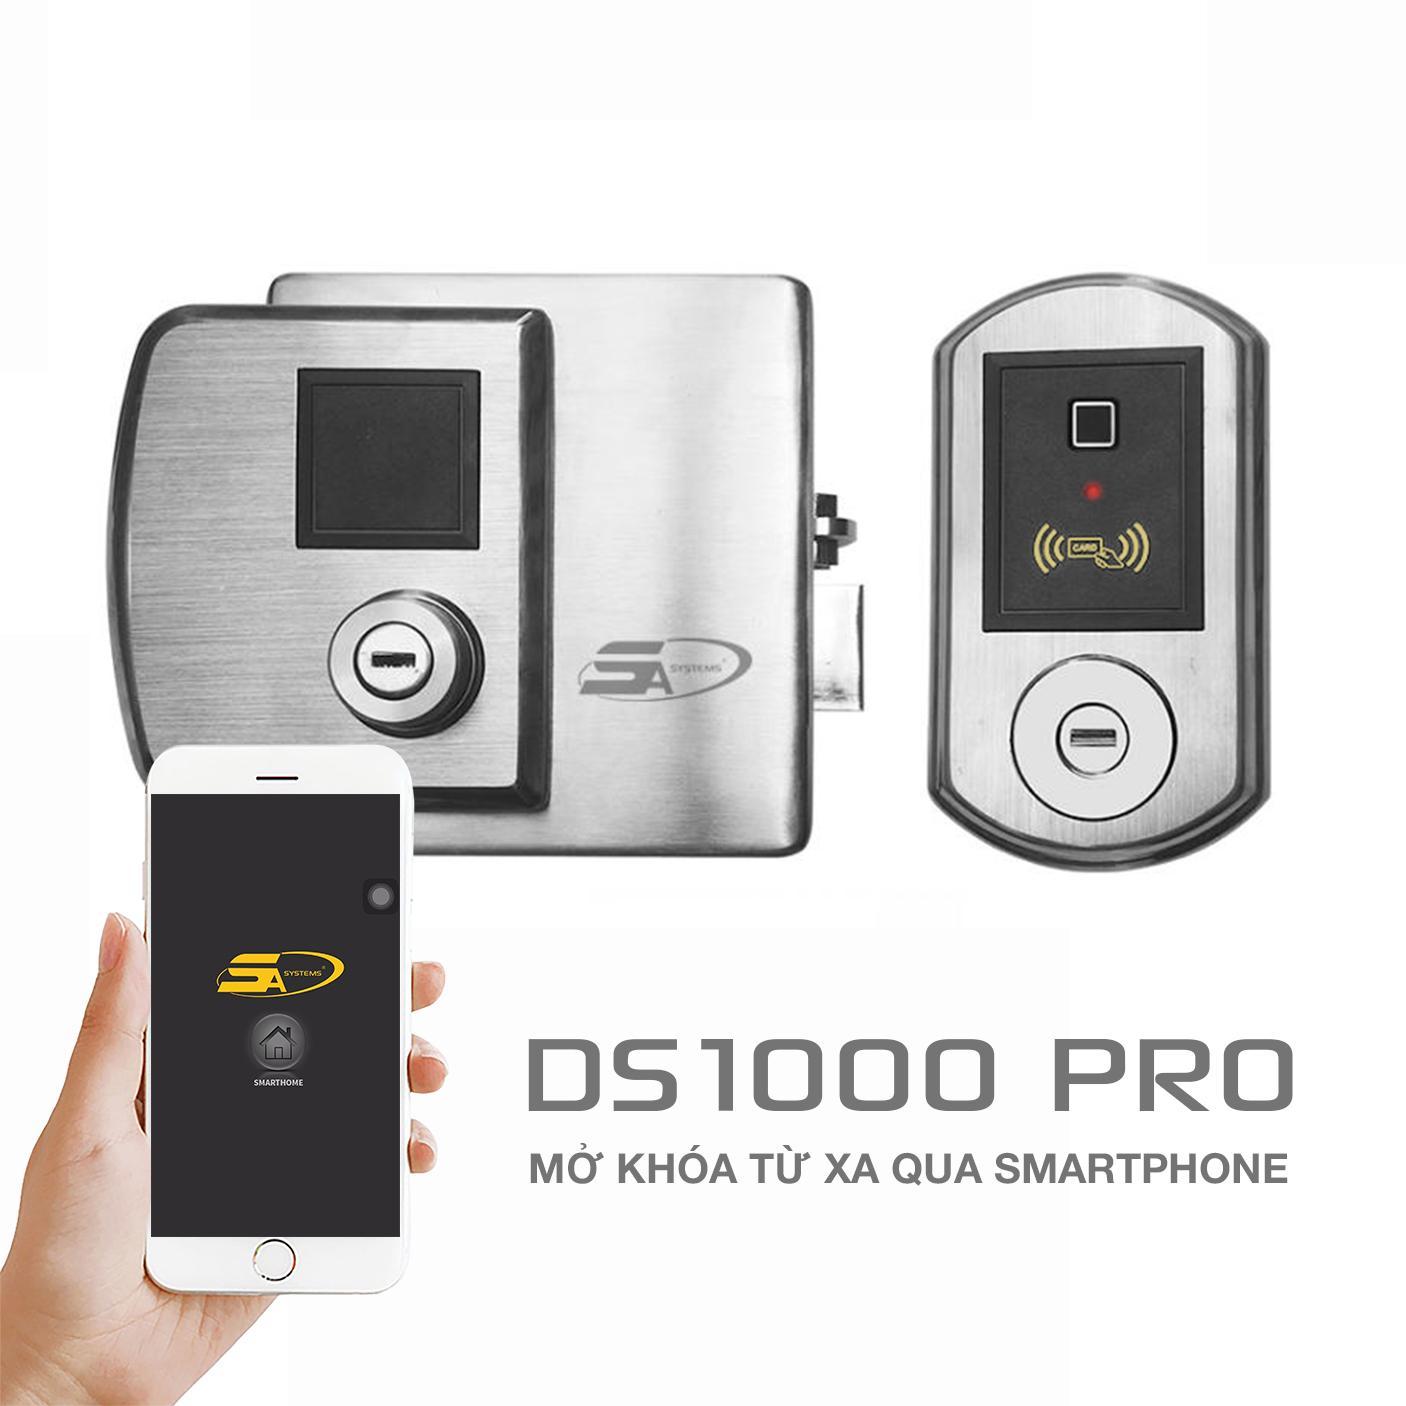 địa chỉ bán KHOÁ CỬA VÂN TAY 5ASYSTEMS 5A DS1000 PRO giá rẻ